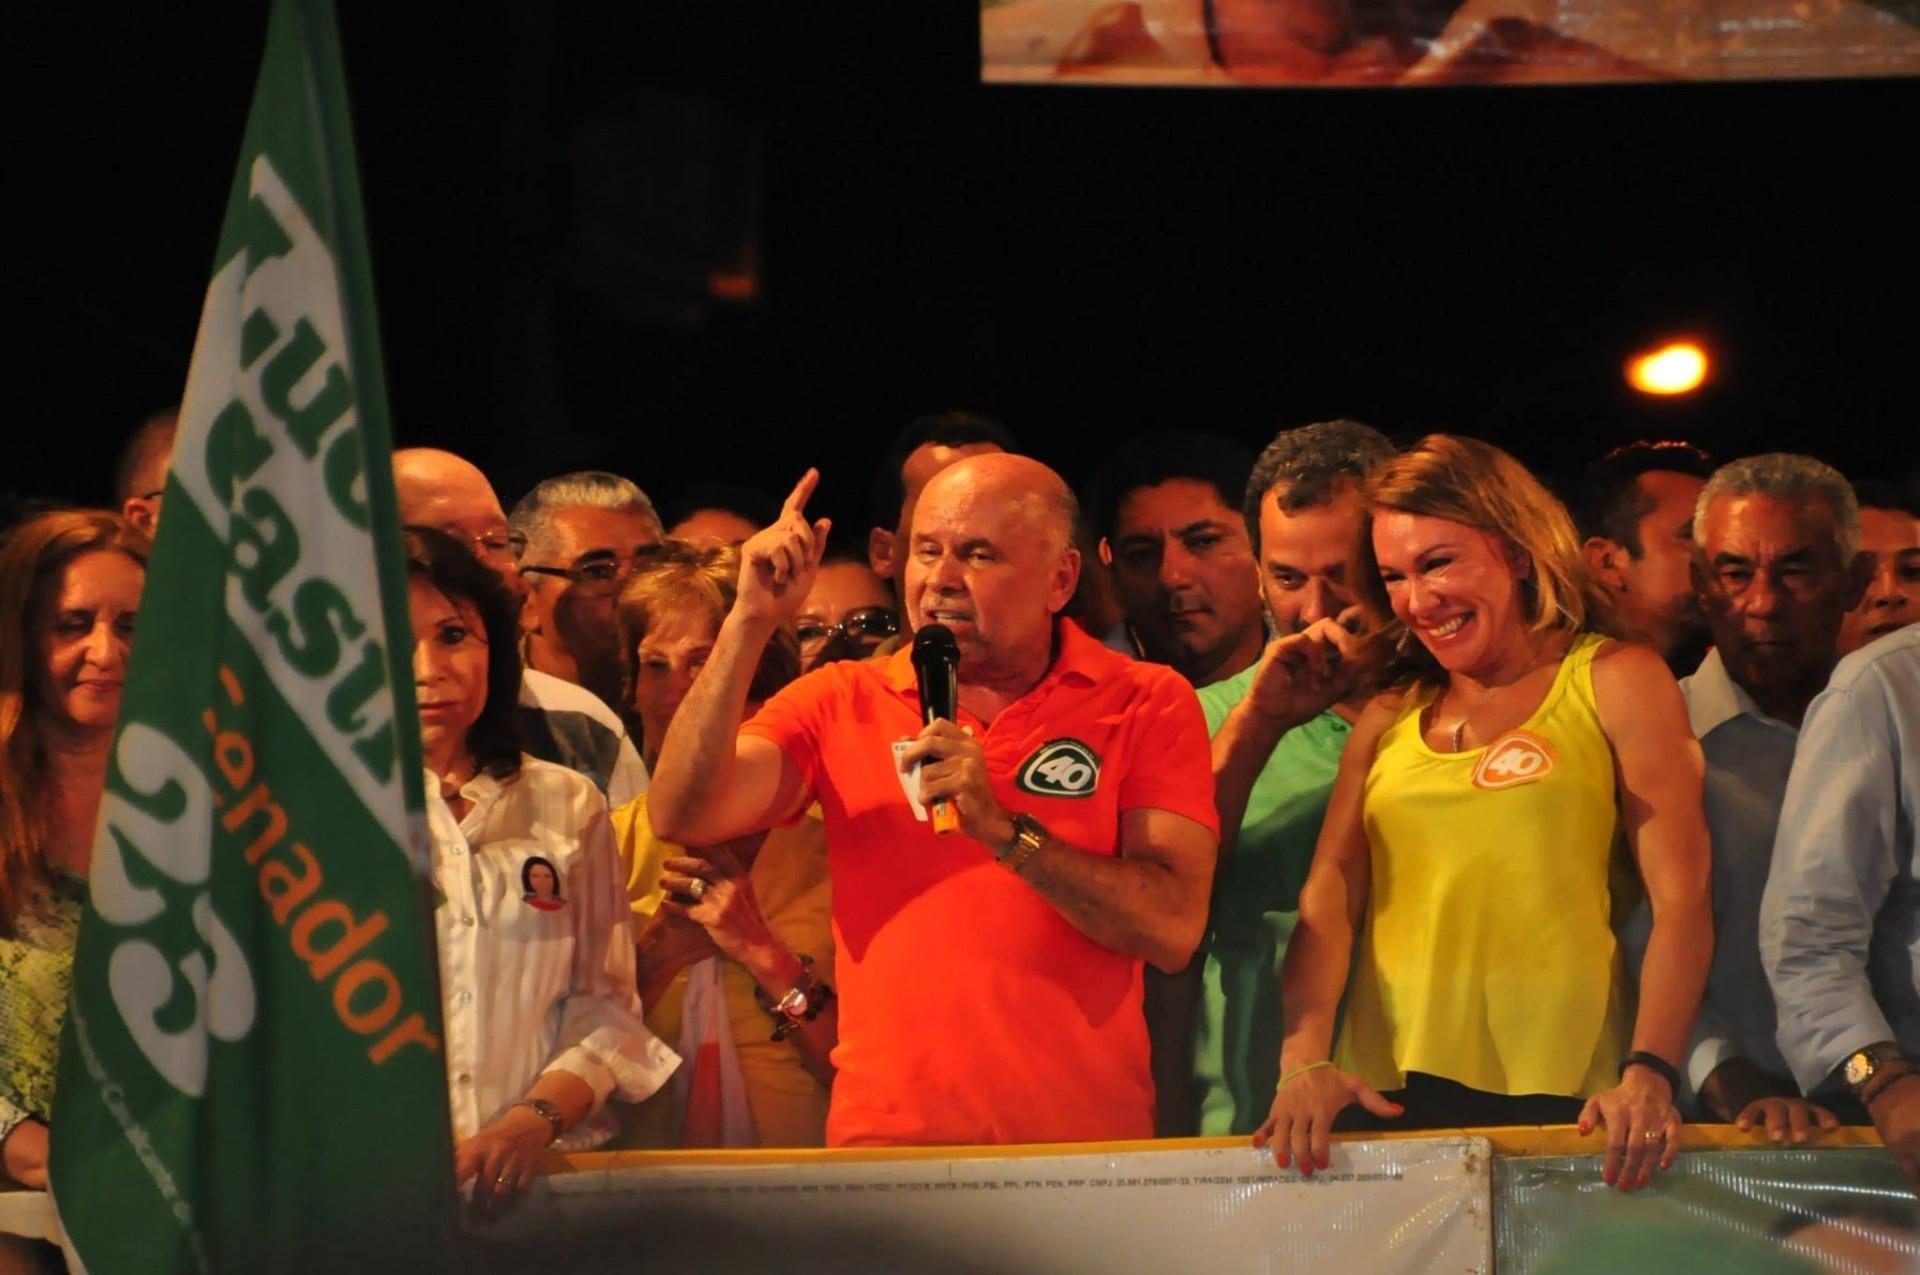 4.out.2014 - Candidato ao Senado, Luciano Castro (PR) discursa em comício nesta sexta-feira (3) em Roraima. Castro está em terceiro lugar na corrida eleitoral, com 20% dos votos válidos, segundo a pesquisa Ibope divulgada nesta quinta-feira (2). O candidato do PSDB José de Anchieta lidera com 29%, seguido de Telmário Mota (PDT), que tem 23%. Completam a disputa, Mozarildo Cavalcanti, do PTB (16%); dra. Josy Carvalho, do PPL (9%); e Dionísio Alves, do PSTU (3%)